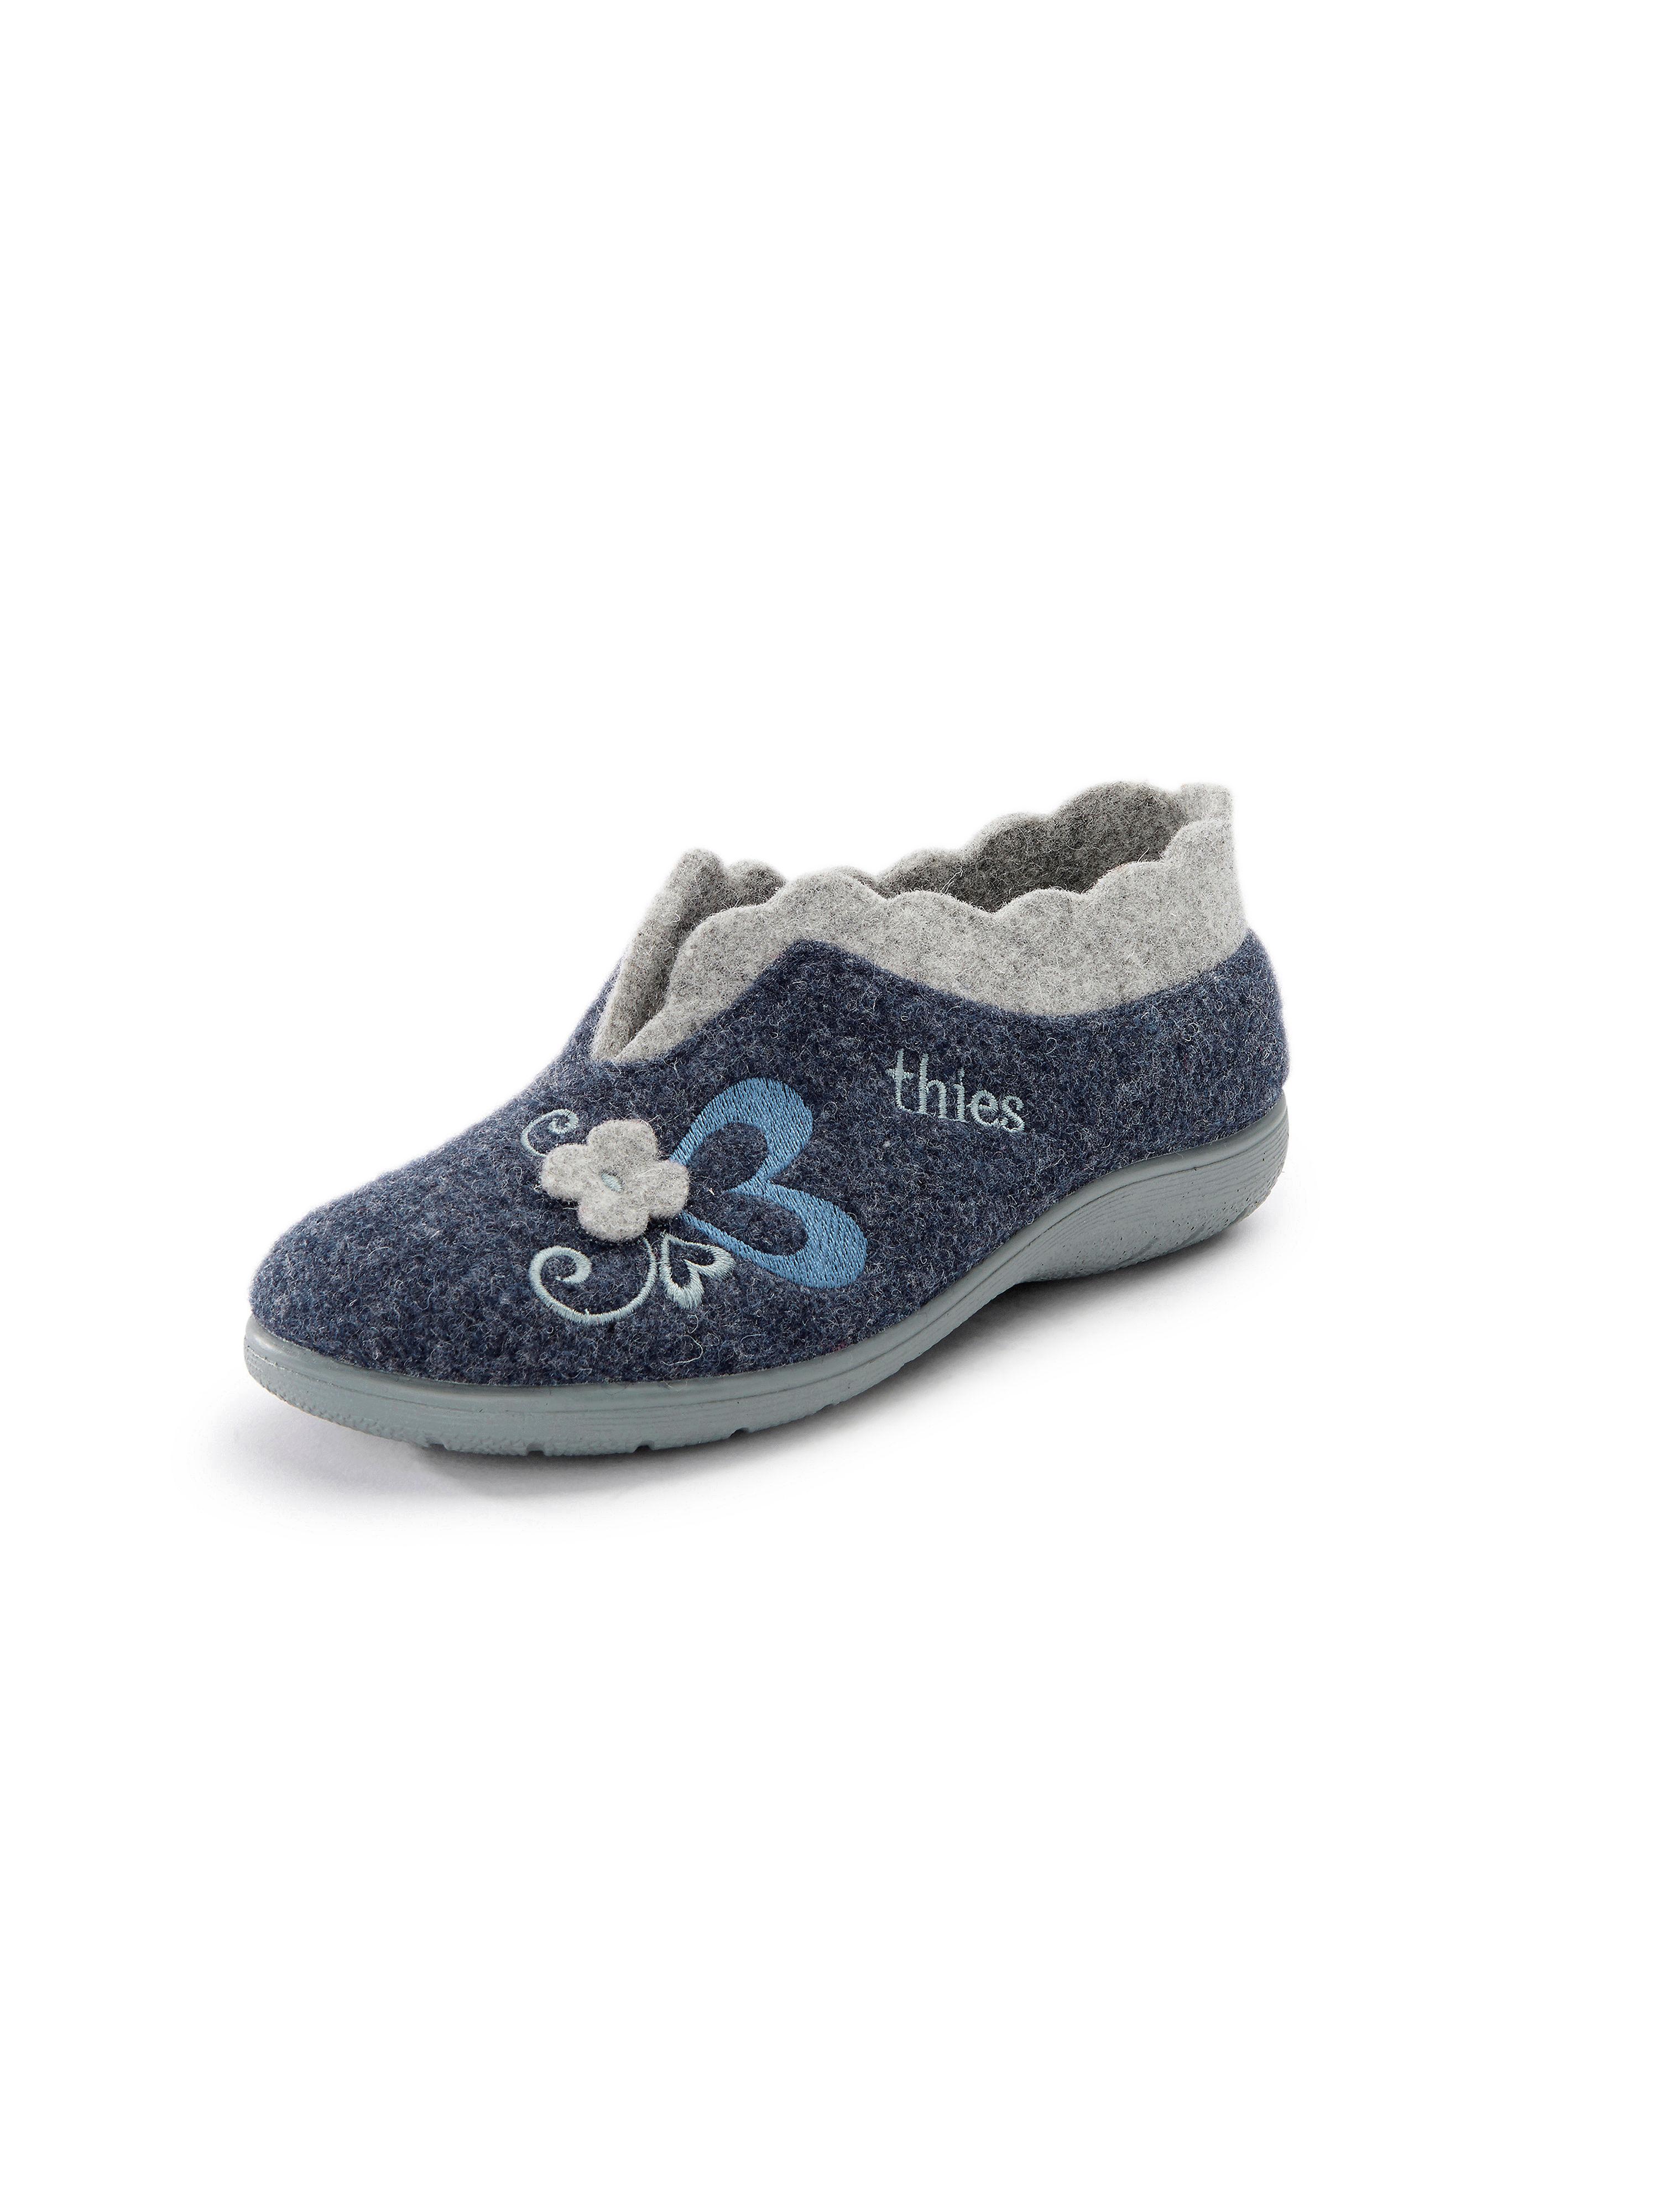 Pantoffels Van THIES blauw